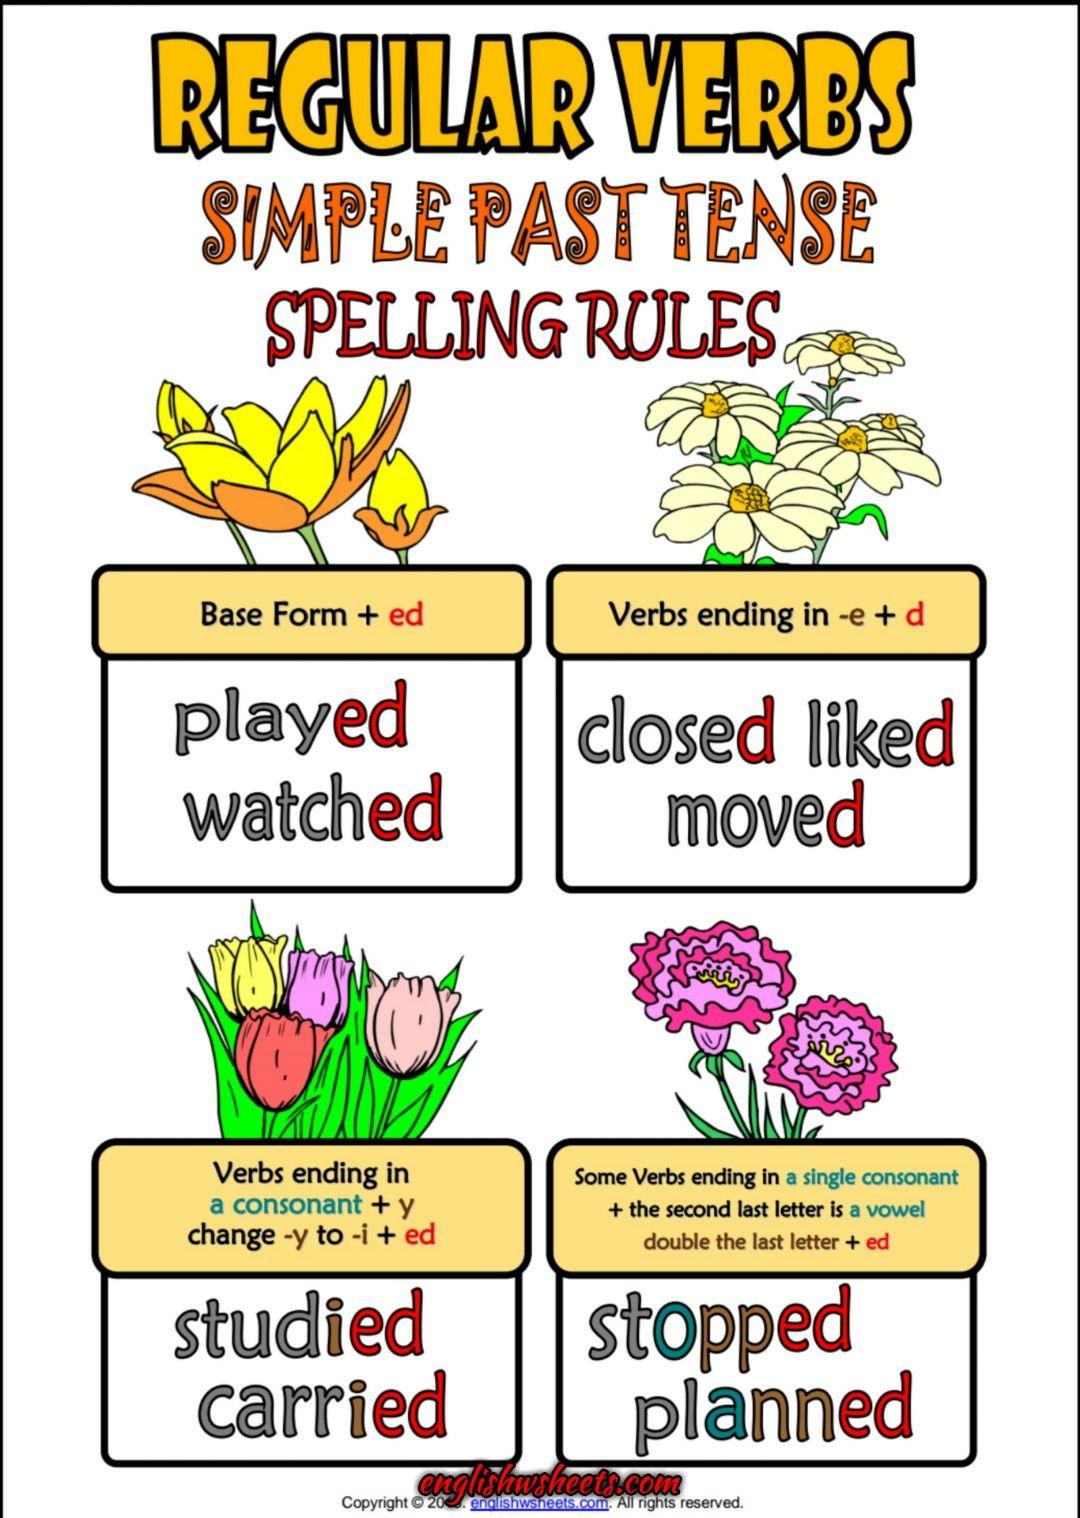 Regular Verbs Grammar Rules Esl Classroom Poster Regular Verbs Simple Past Tense Irregular Past Tense Verbs [ 1518 x 1080 Pixel ]